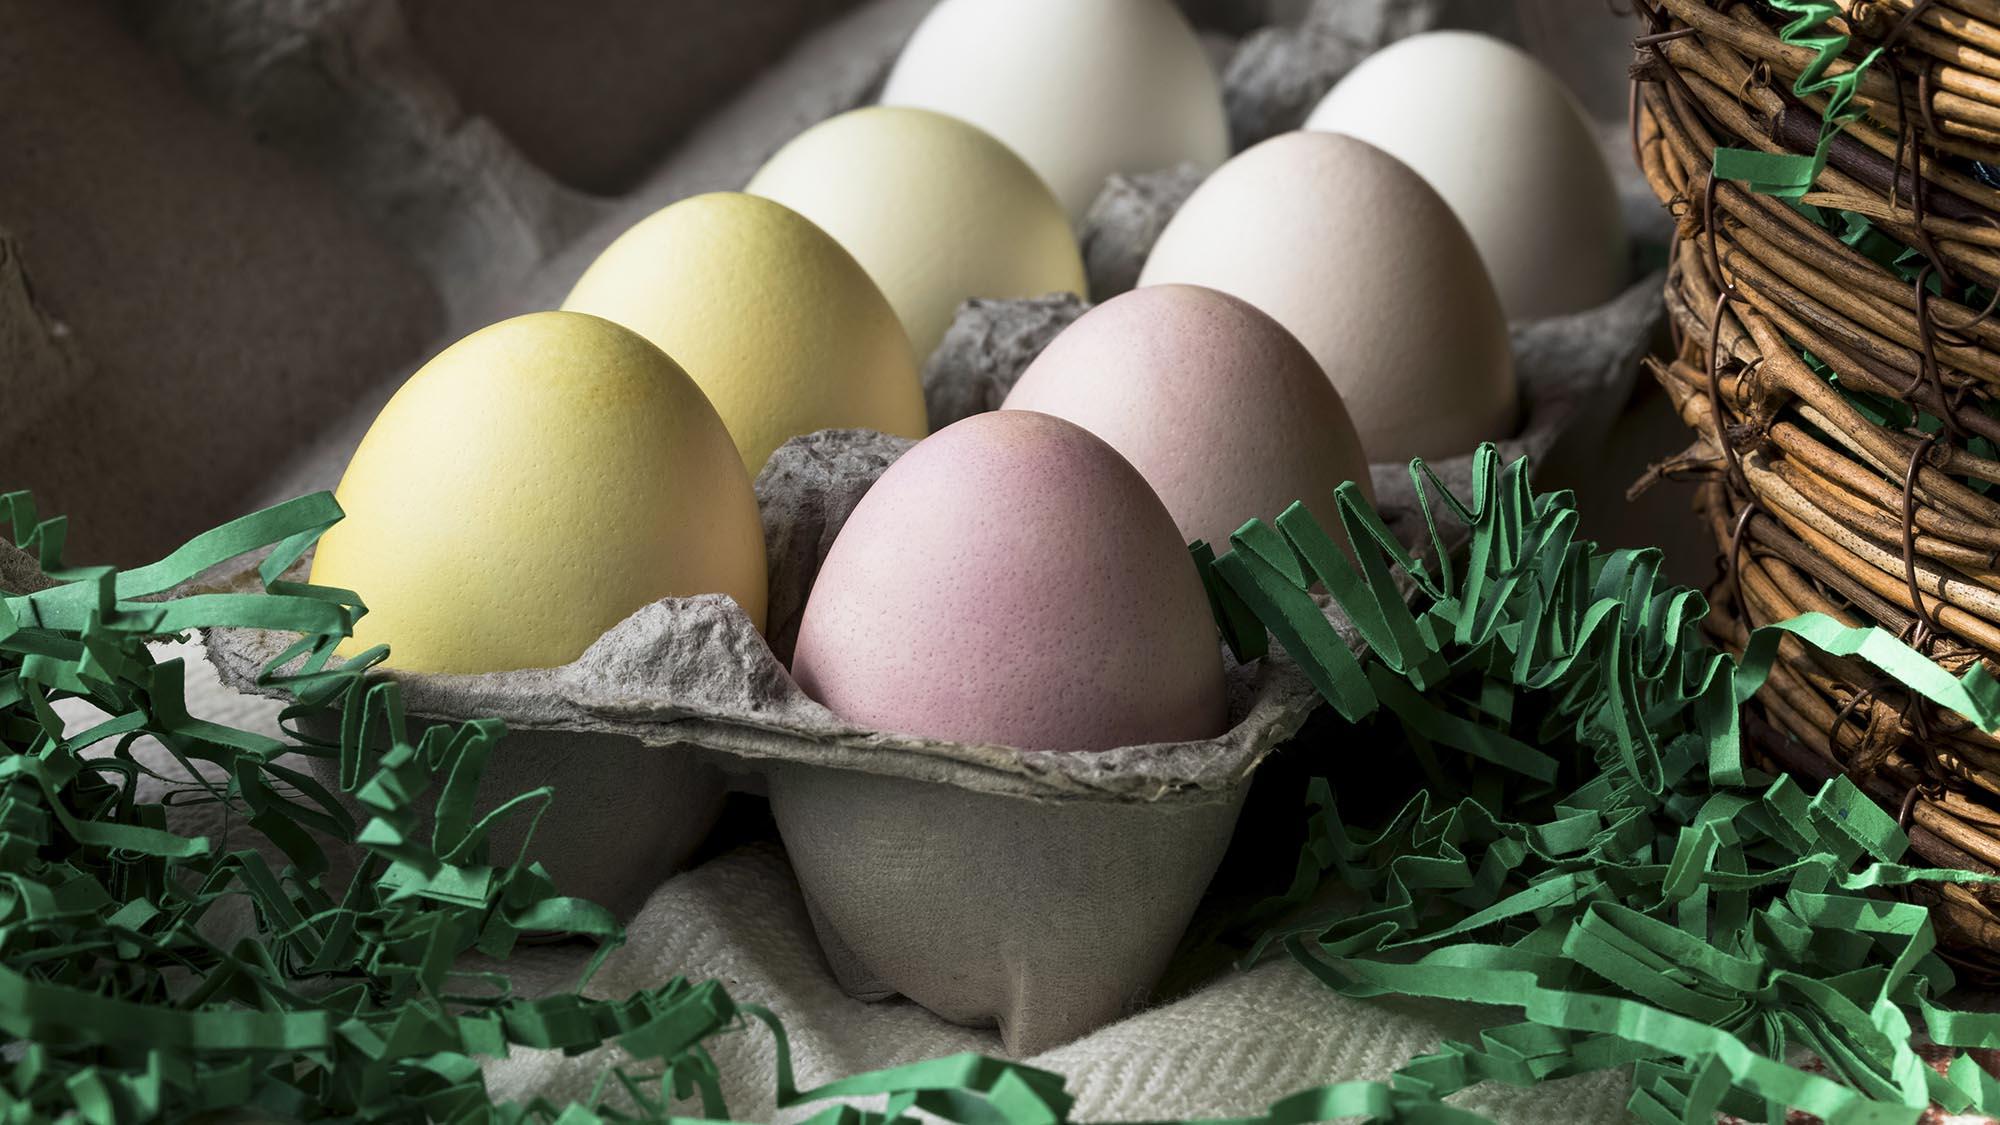 McCormick Omber Easter Eggs